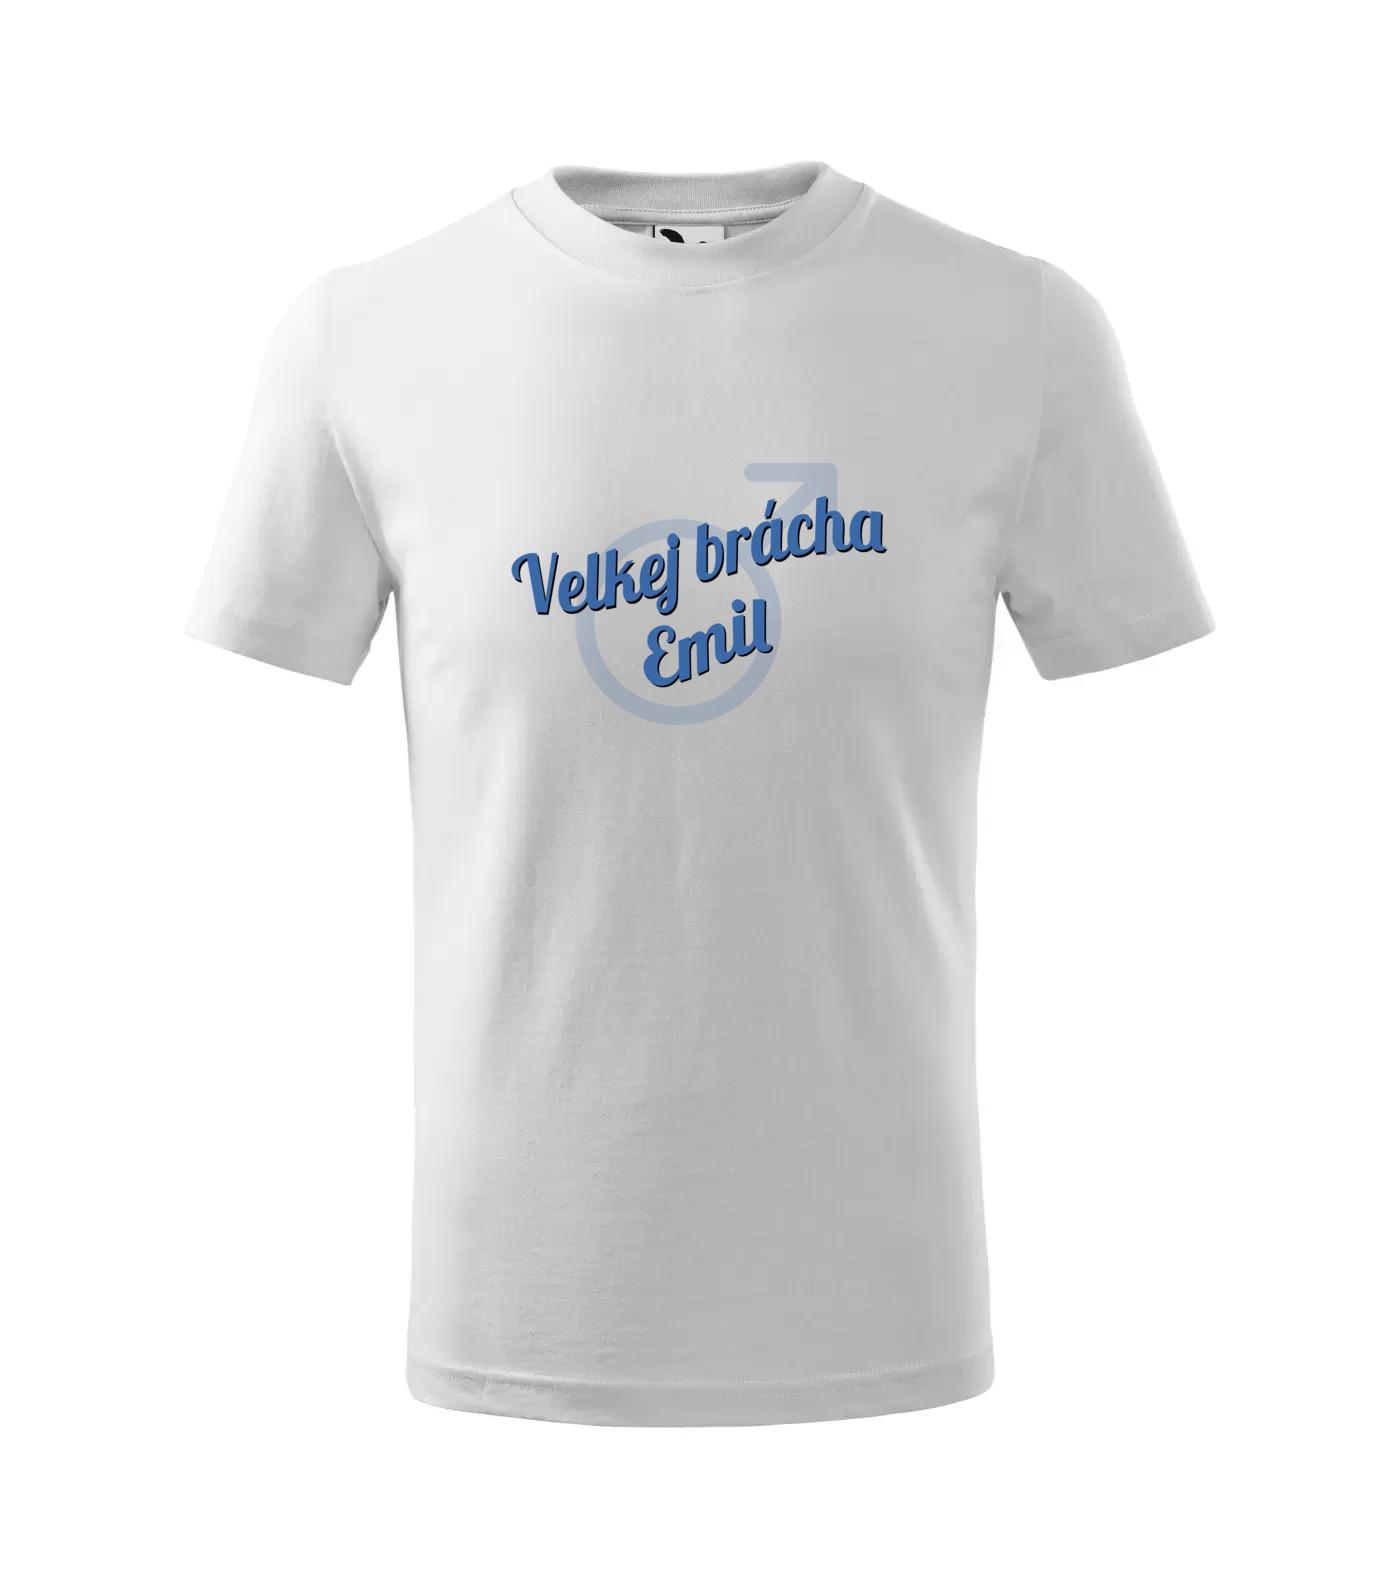 Tričko Velkej brácha Emil